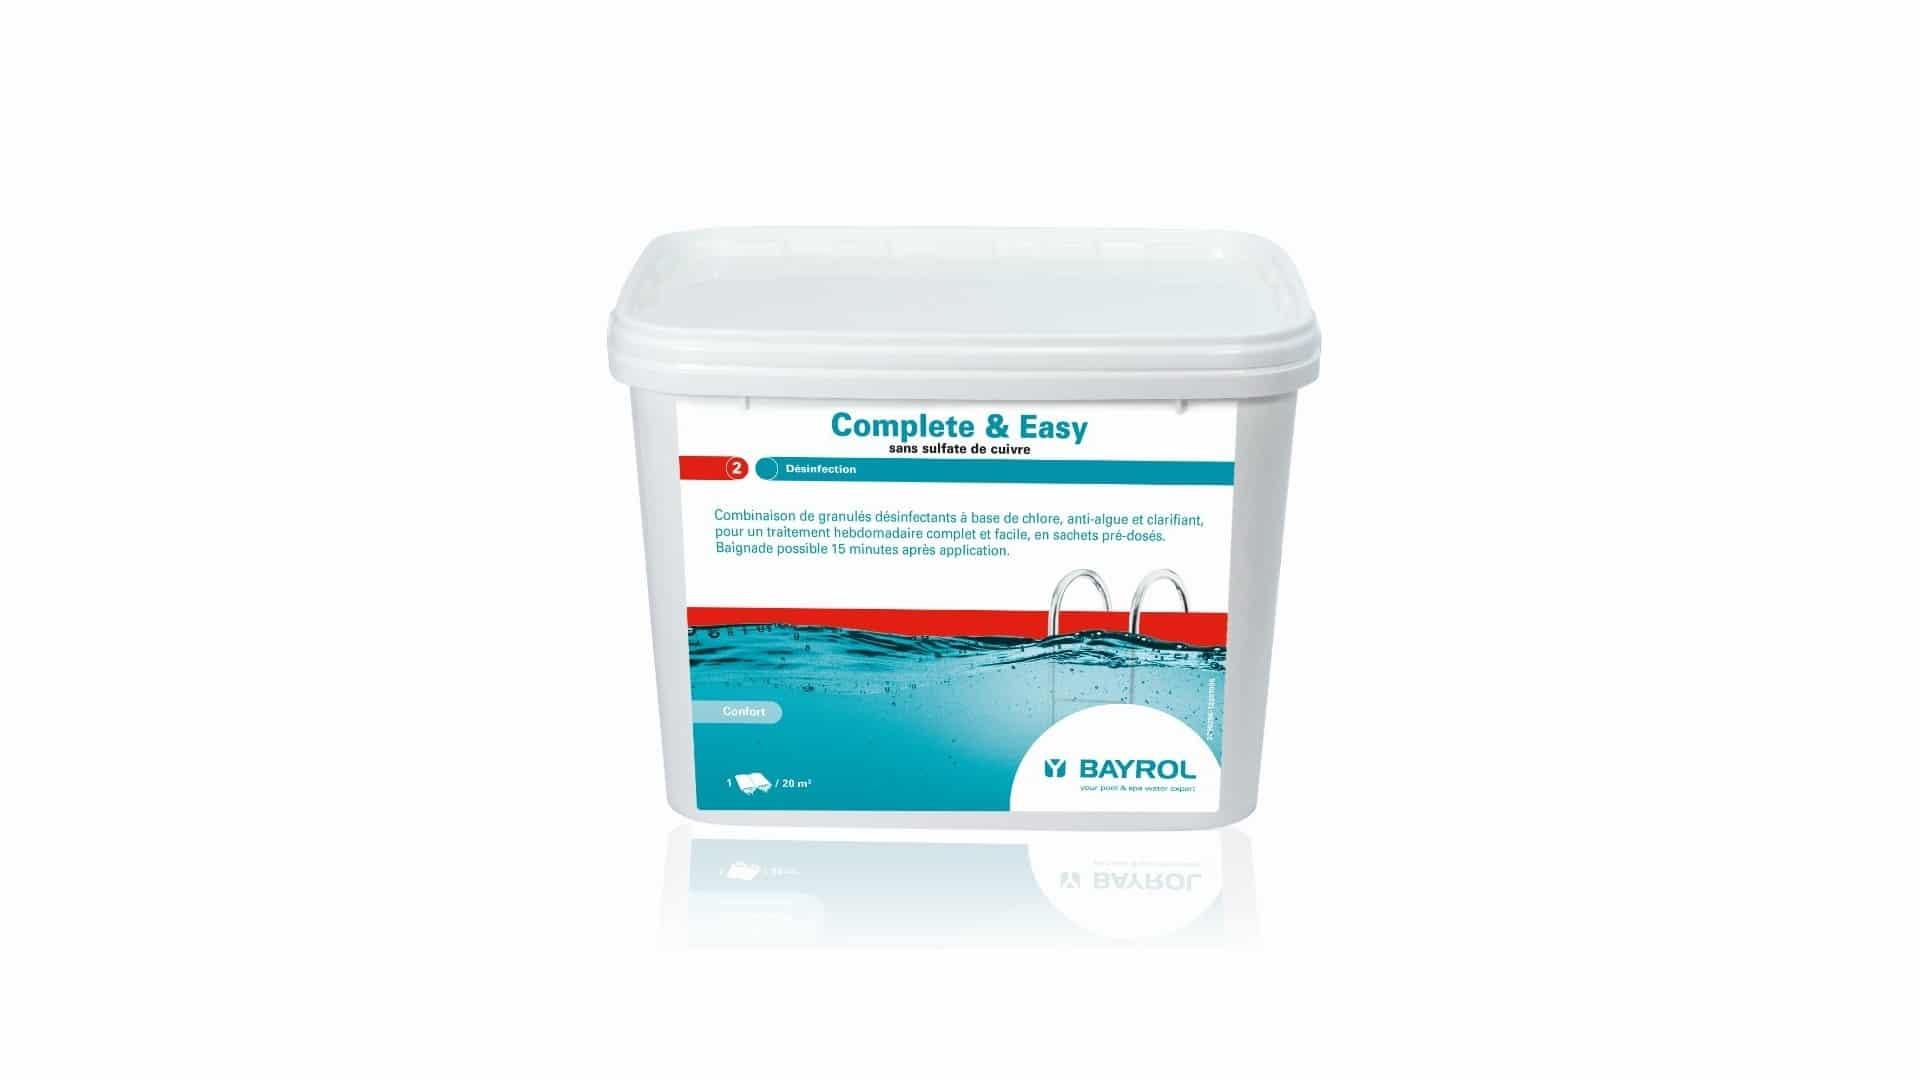 Complete & Easy Traitement De L'eau 4.48Kg Bayrol concernant Sulfate De Cuivre Piscine